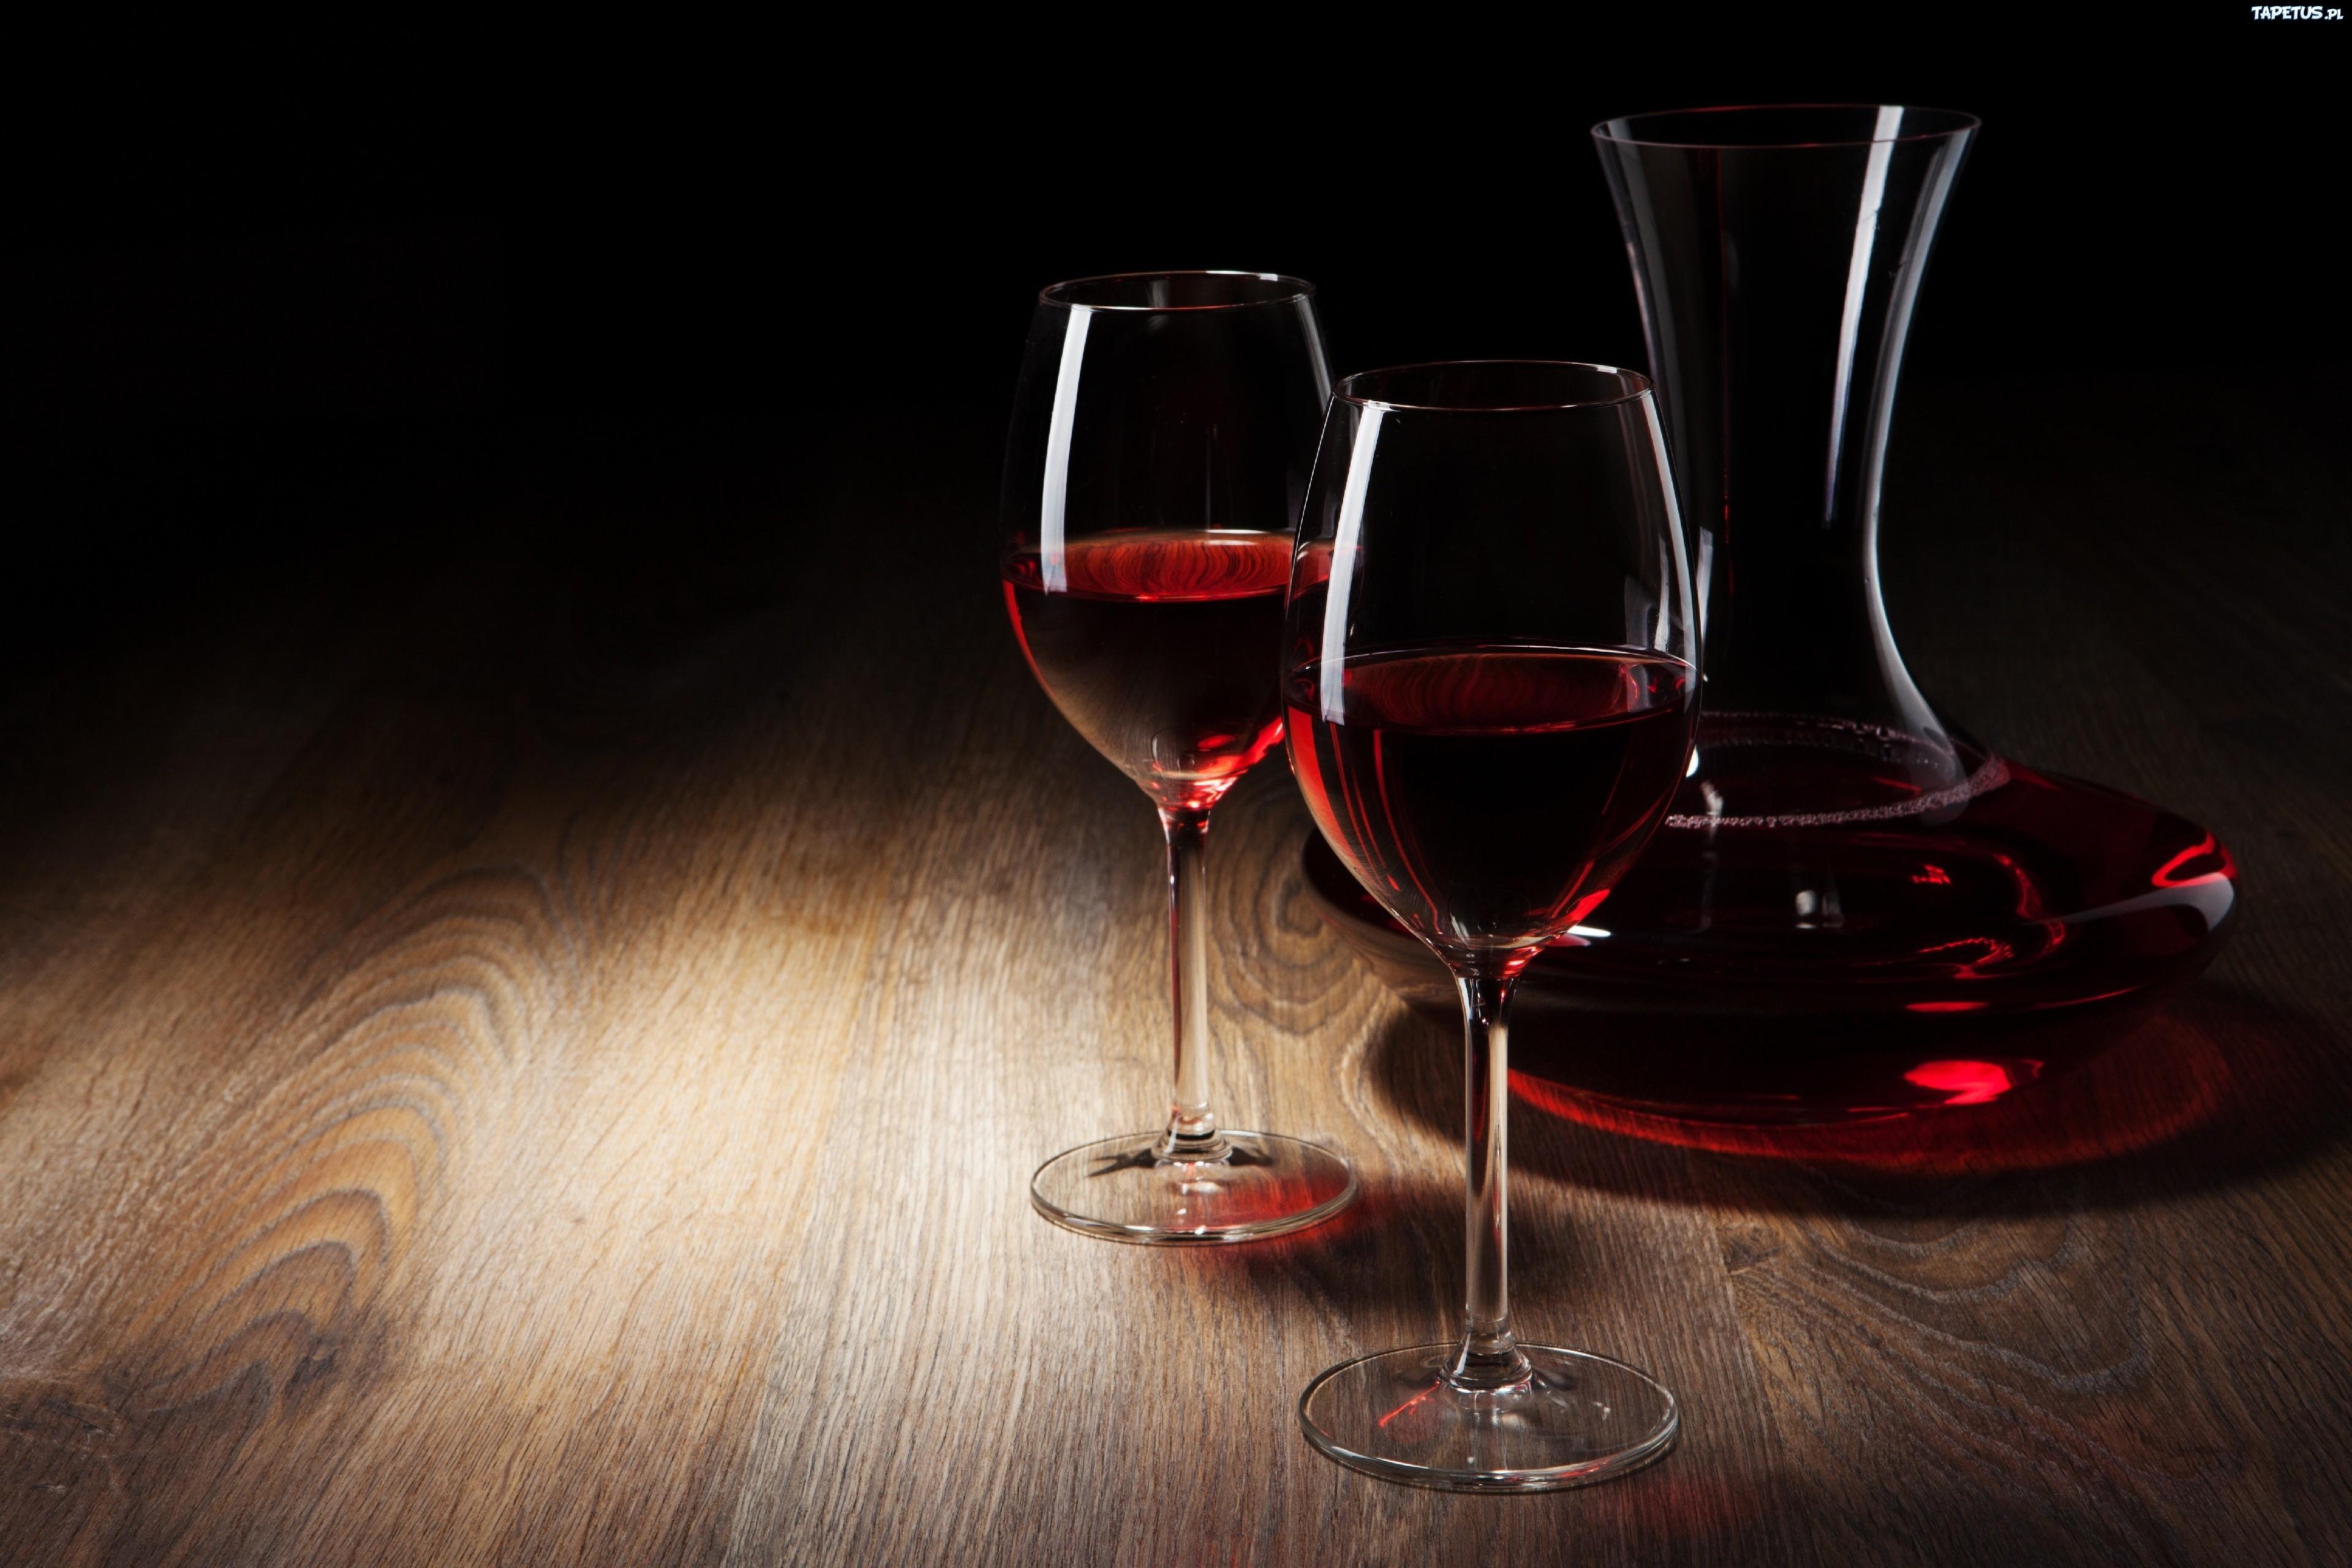 Обои на рабочий стол бокал с вином